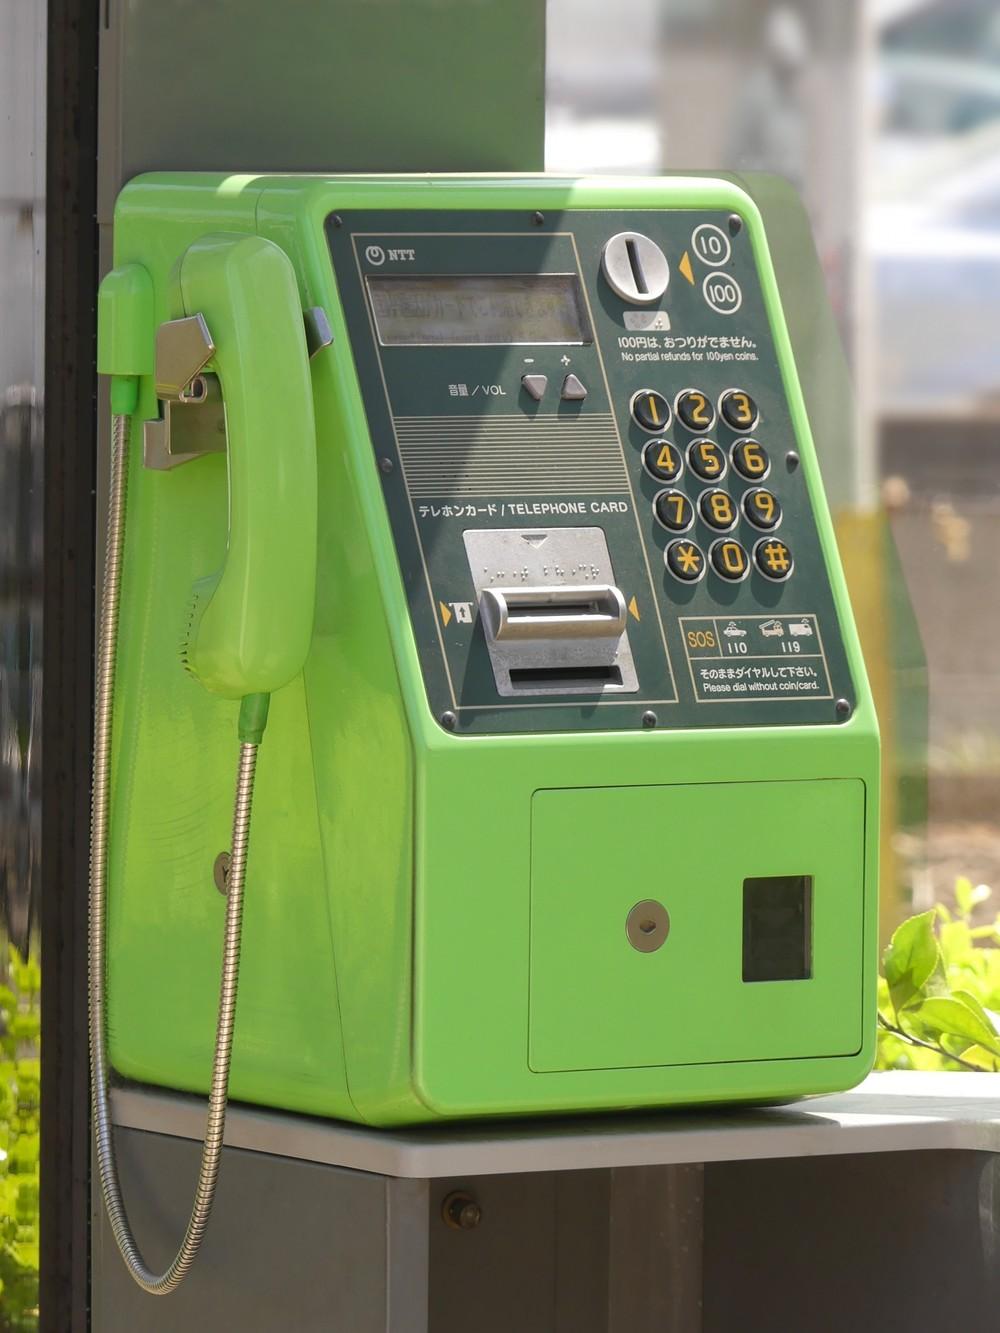 千葉で公衆電話「7000台」無料利用が可能 使用時の注意点は?NTT東に聞いた